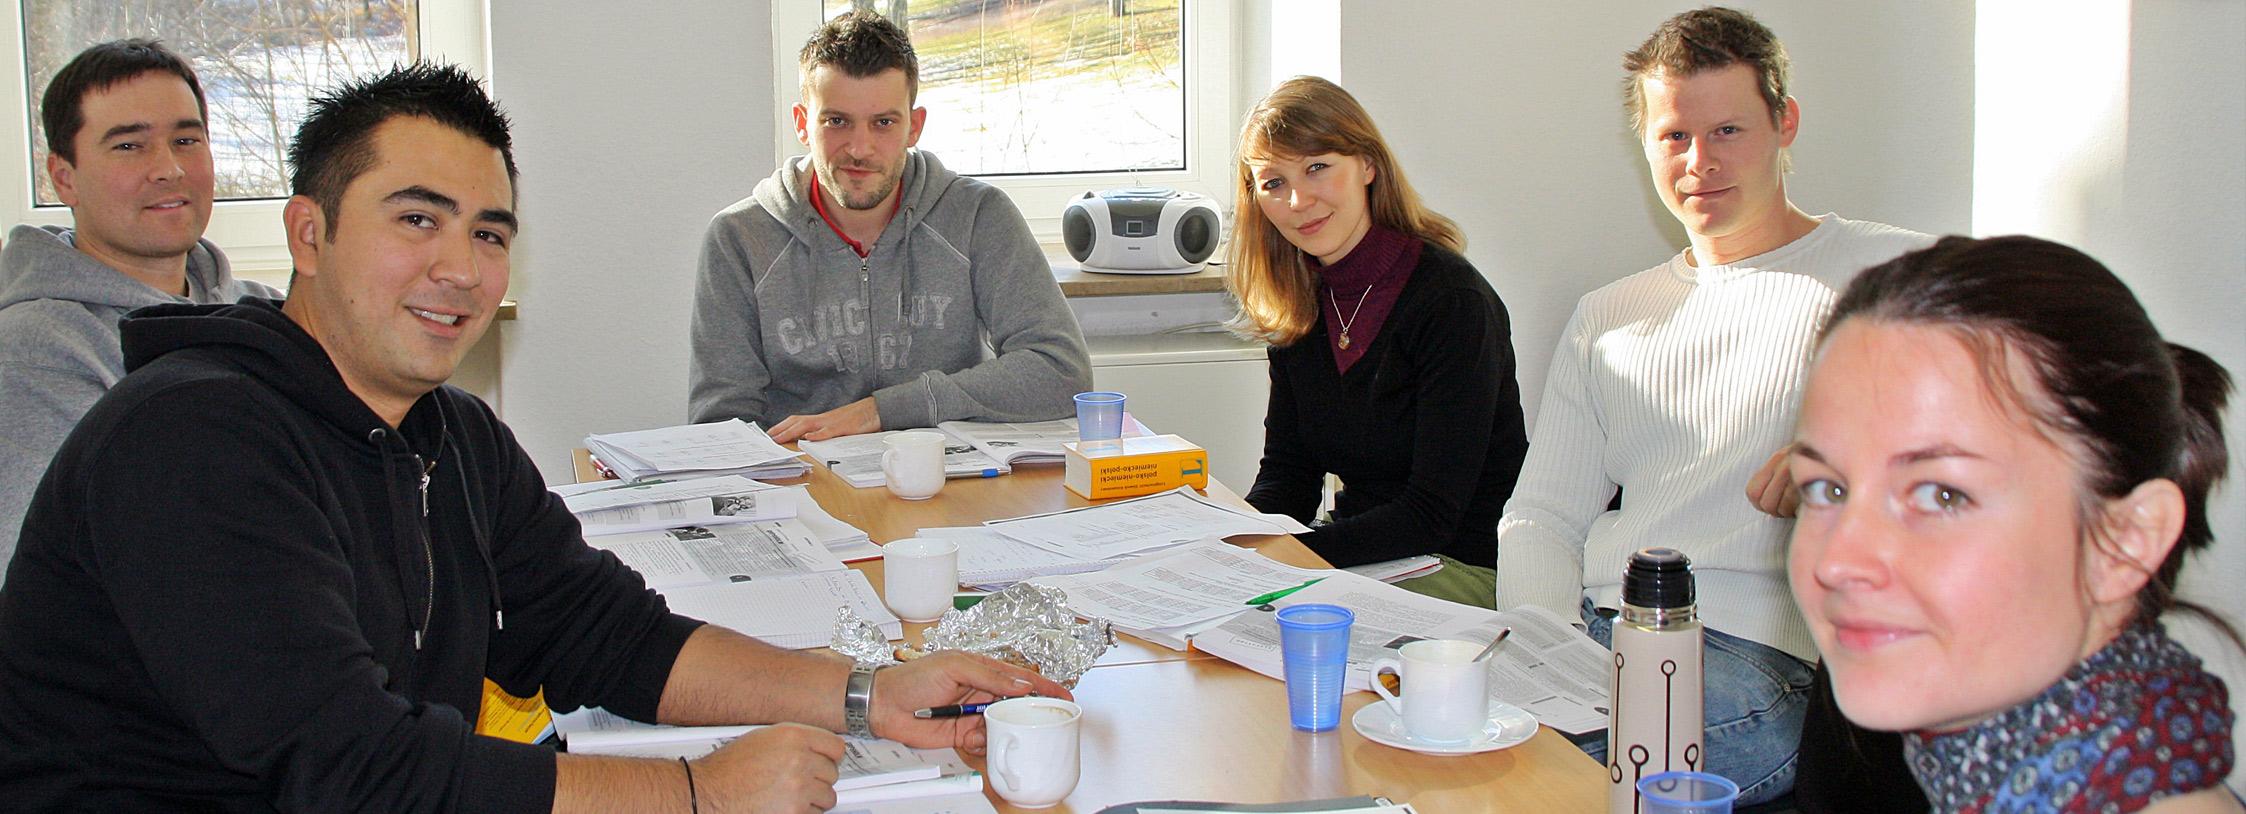 Home Ferien-Sprachkurse für Kinder und Jugendliche in Ingolstadt